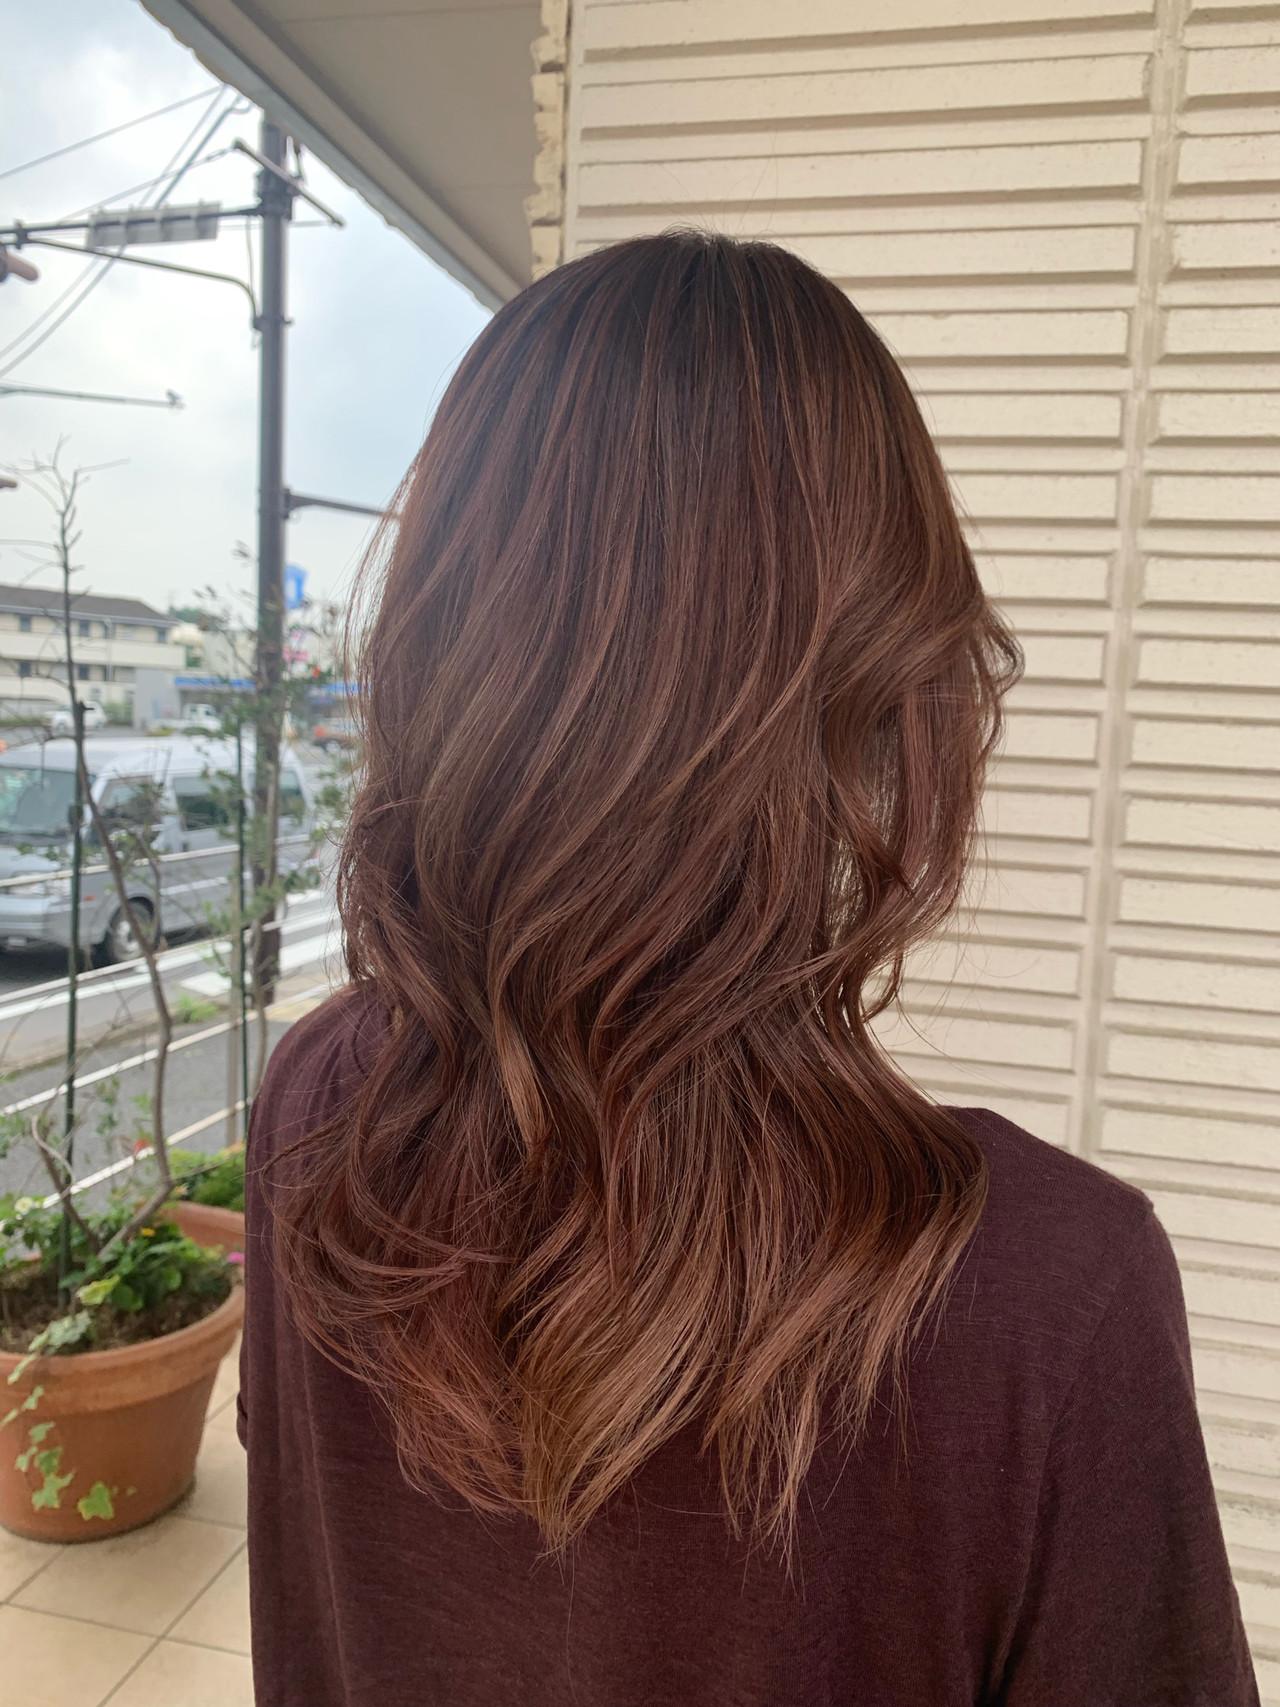 ロング ピンクブラウン ハイライト フェミニン ヘアスタイルや髪型の写真・画像 | 大越 勇嗣 / VISAGE Oak